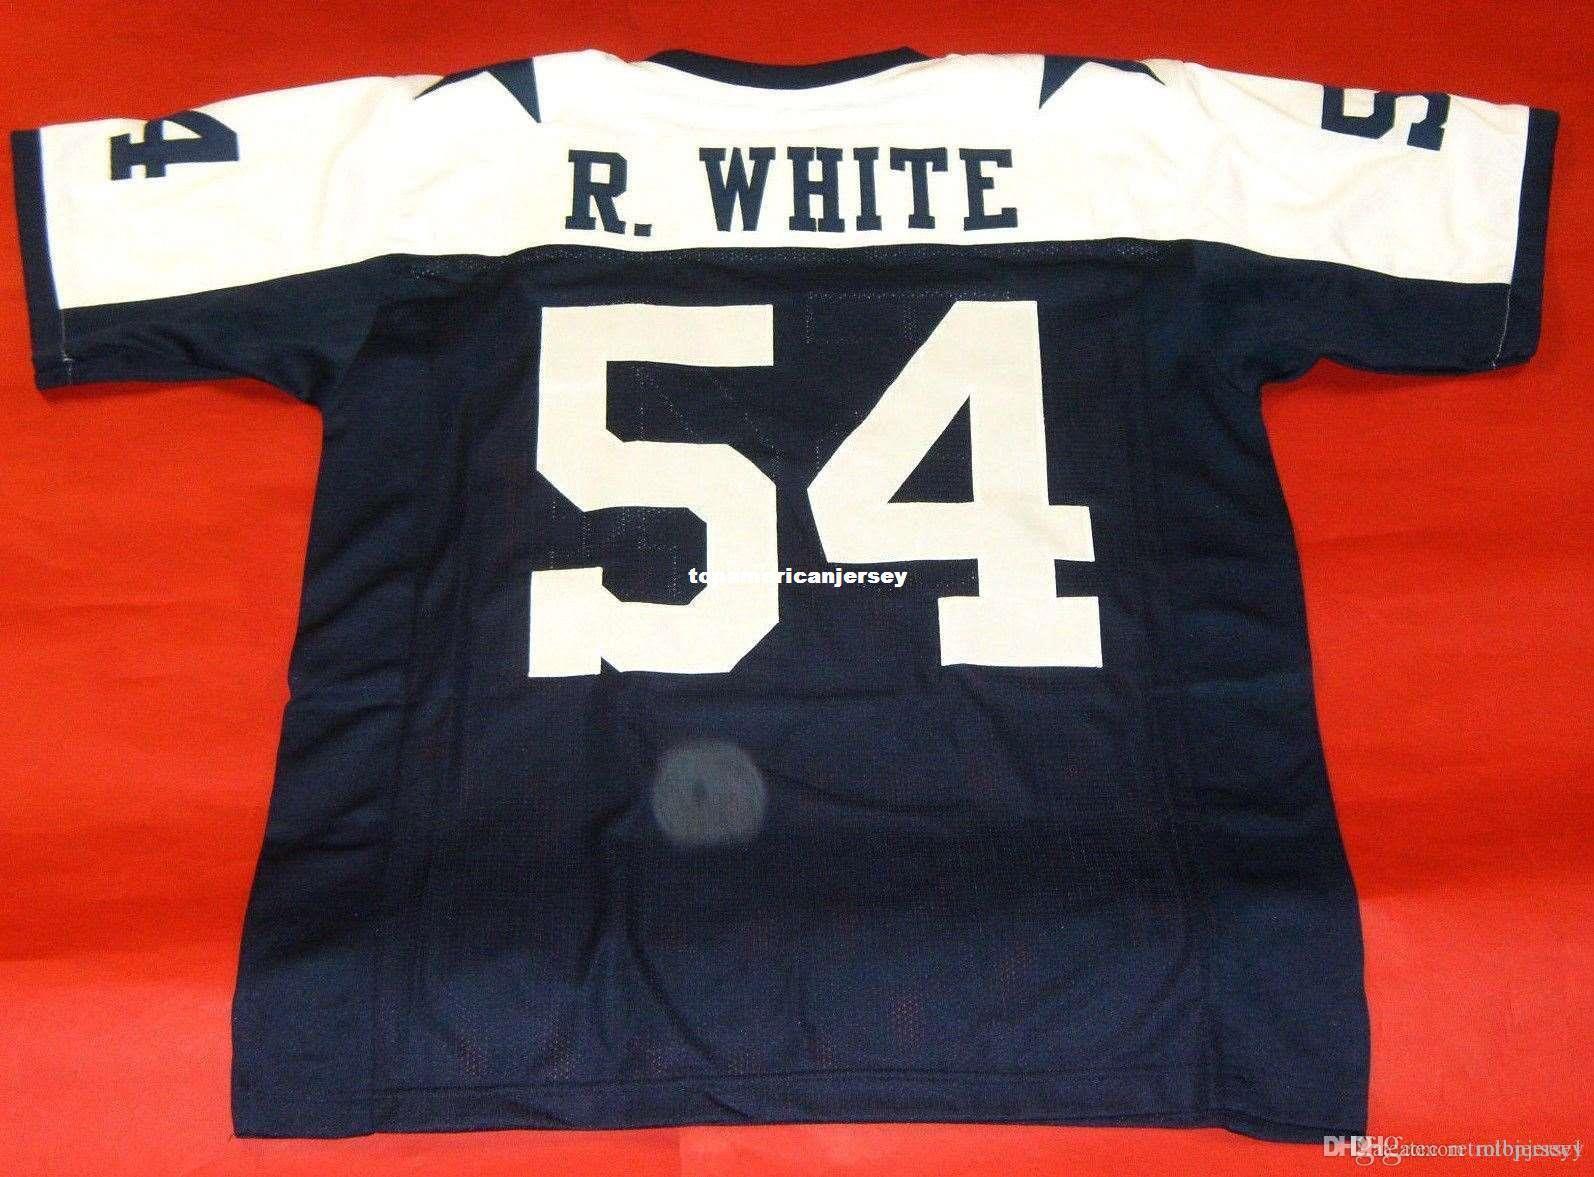 Günstige Retro # 54 Randy White CUSTOM Top S-5XL, 6XL MITCHELL NESS Jersey Bule Herren Stitching Top S-5XL, 6XL Fußballjerseys Lauf